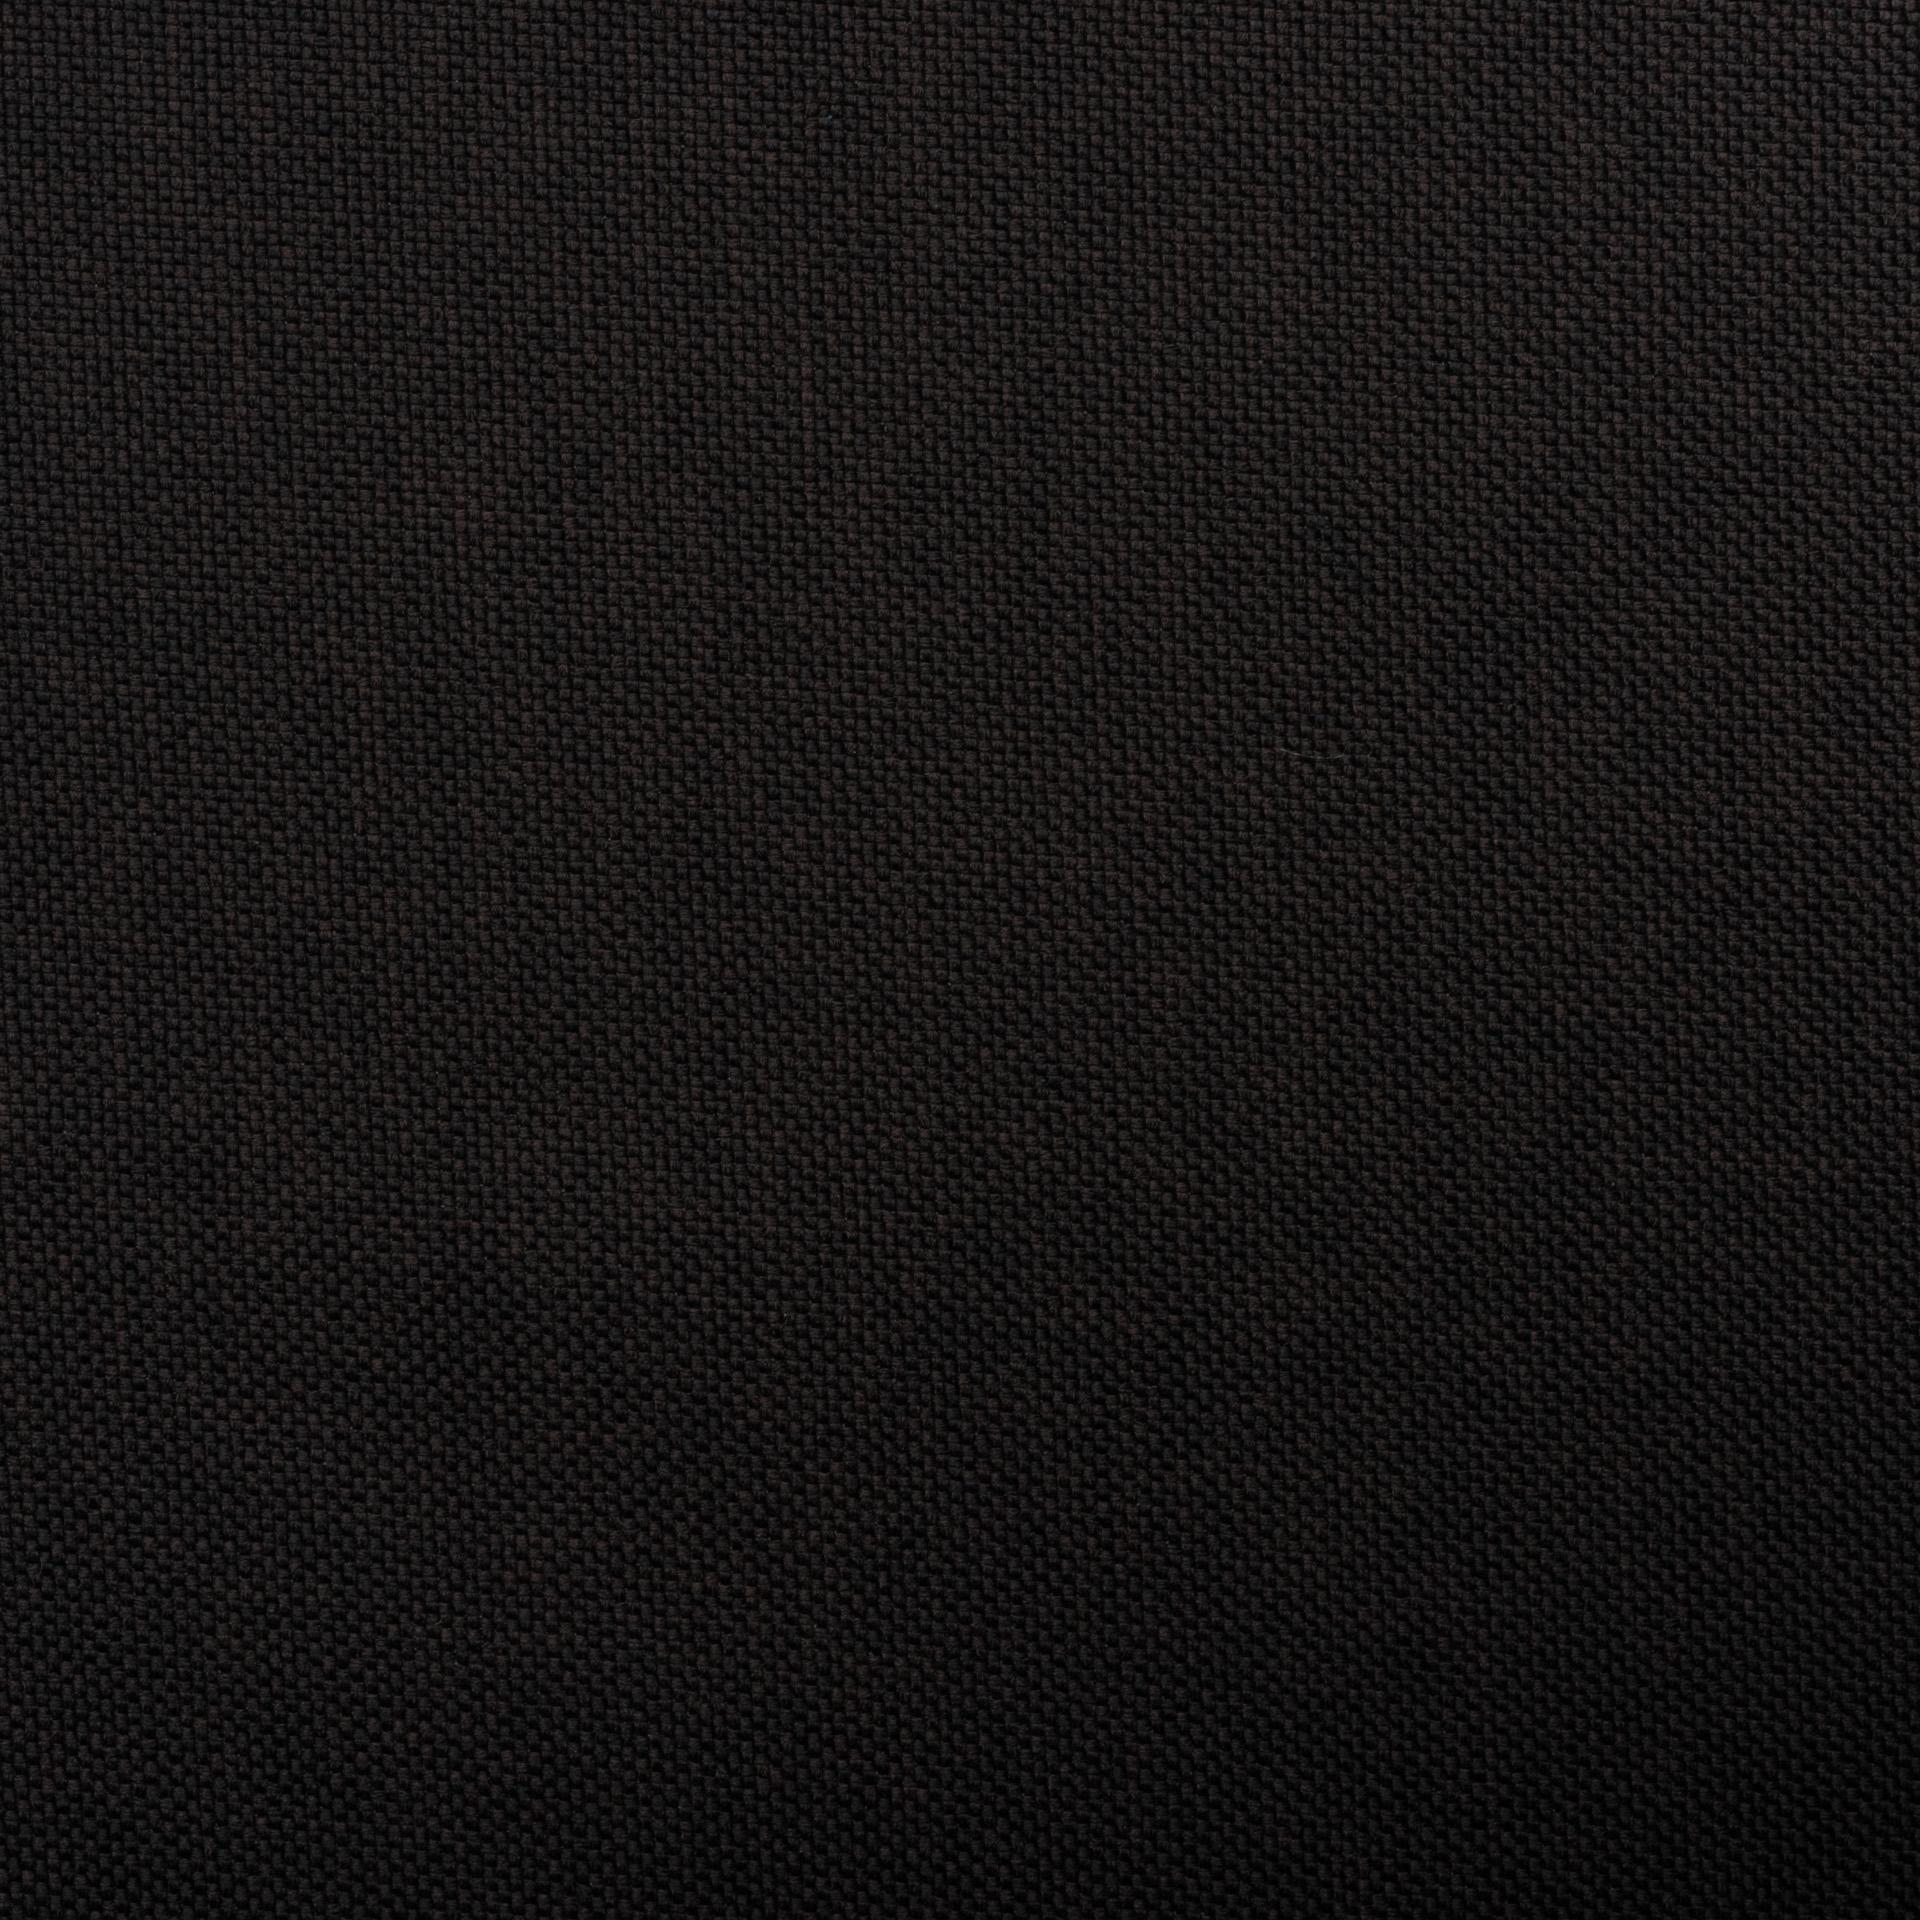 Коллекция ткани Саванна nova DS04,  купить ткань Жаккард для мебели Украина